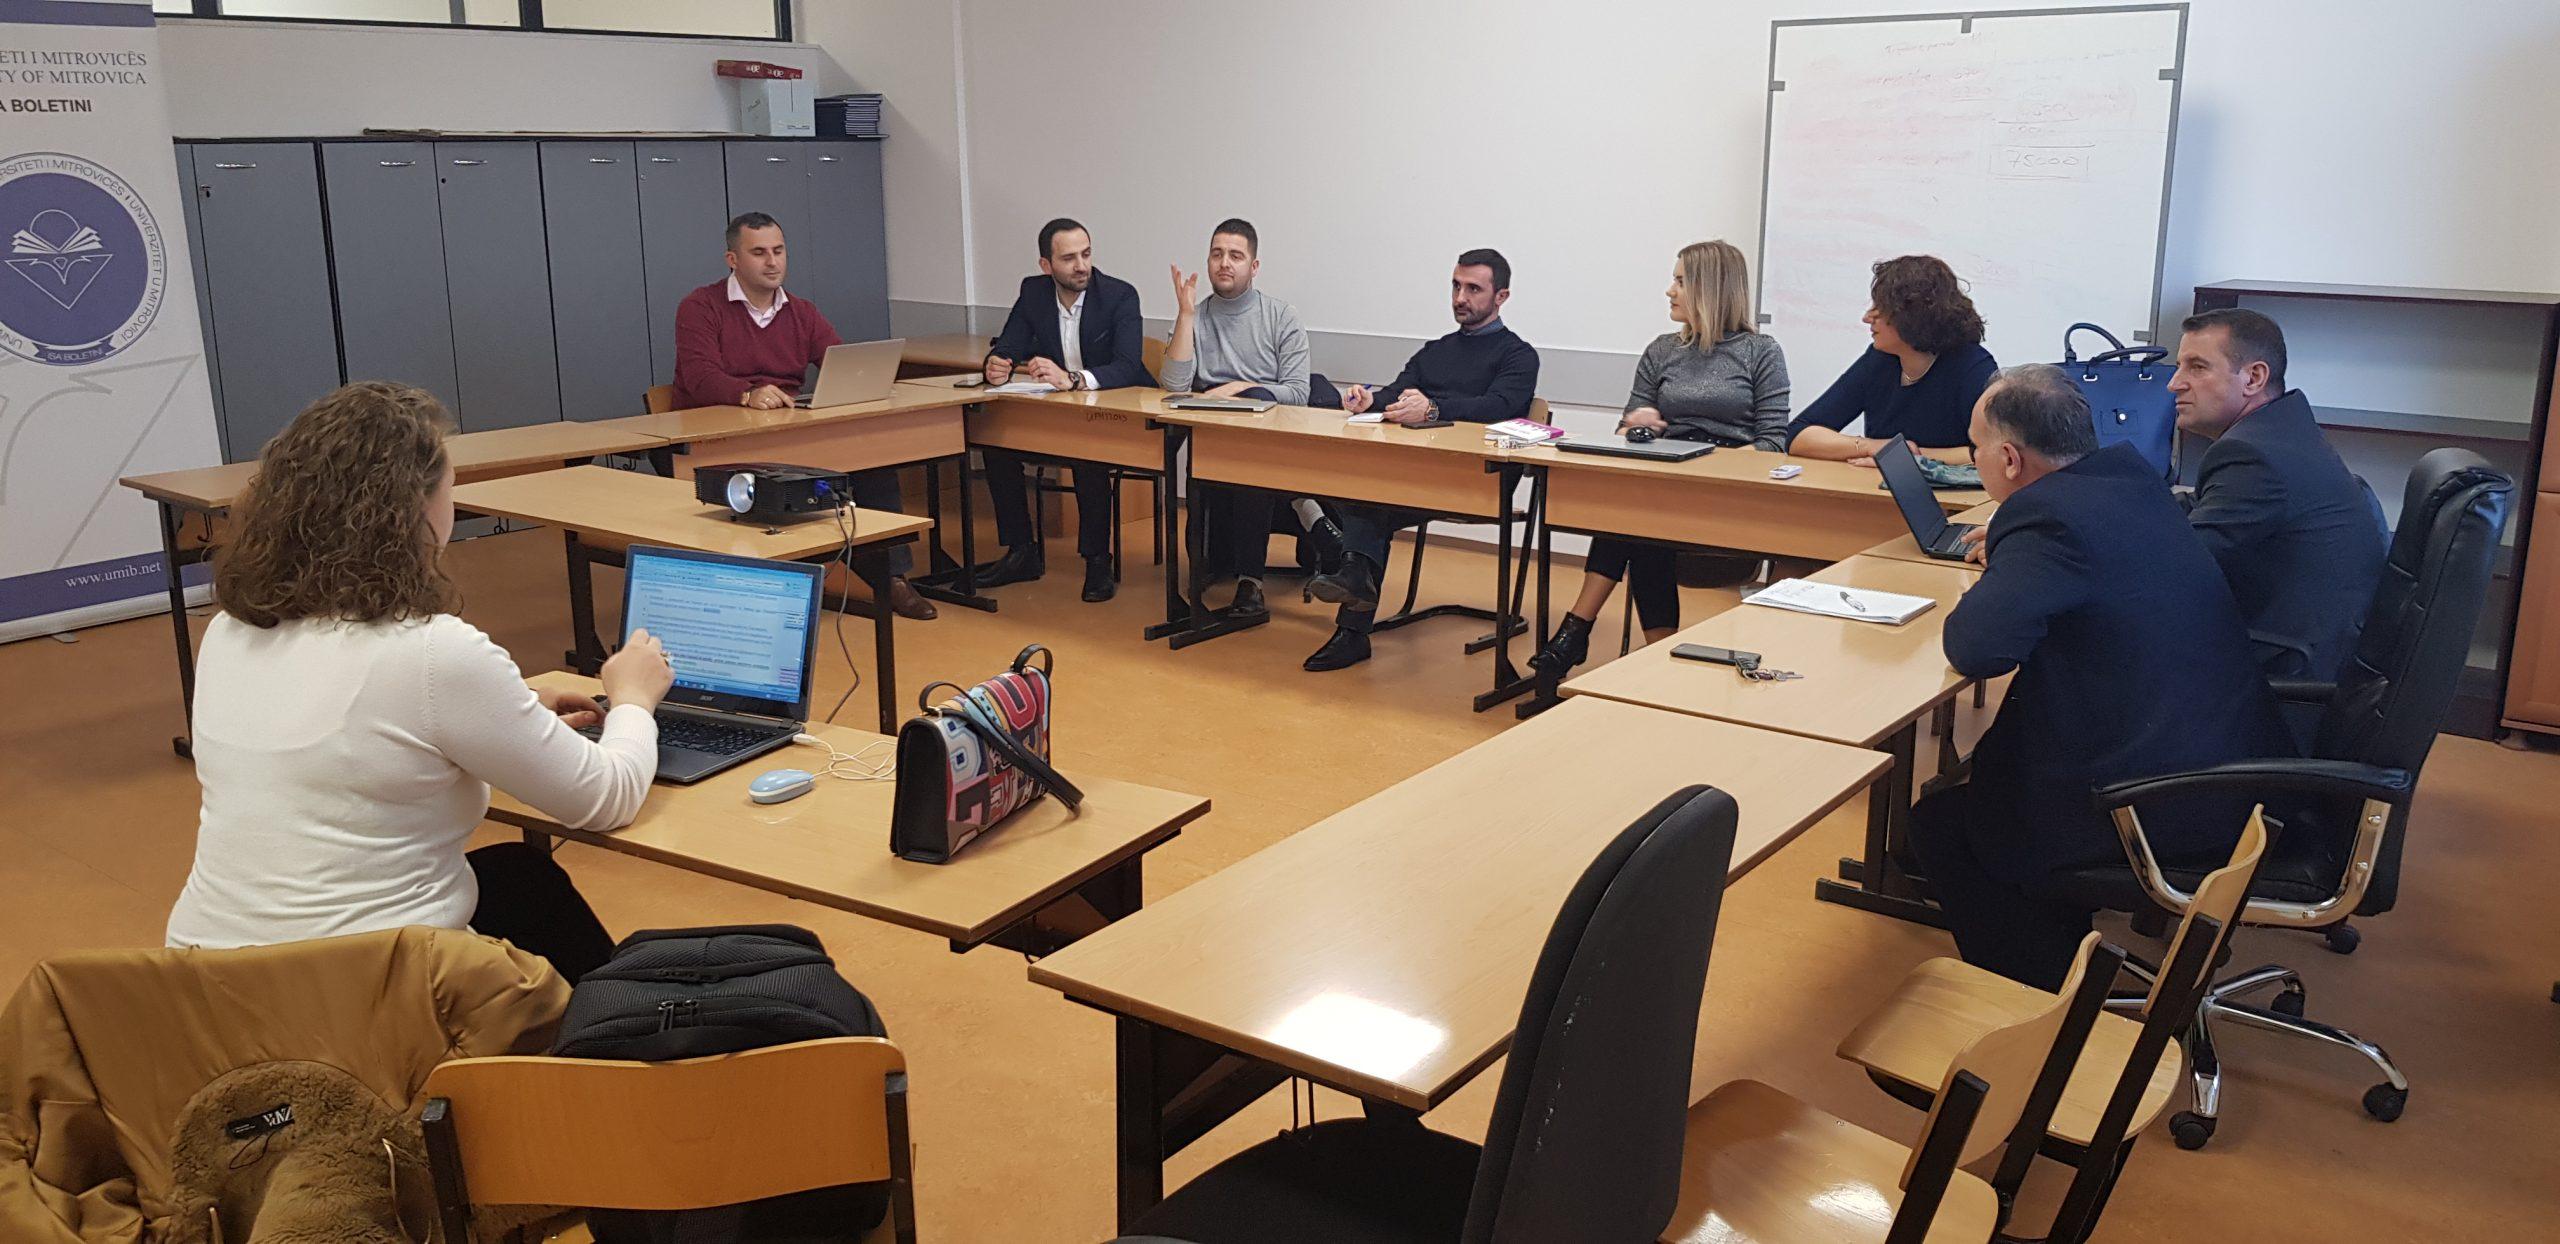 Fakulteti Ekonomik mbajti takimin e radhës drejt finalizimit të Raportit të Vetëvlerësimit (RVV-së)